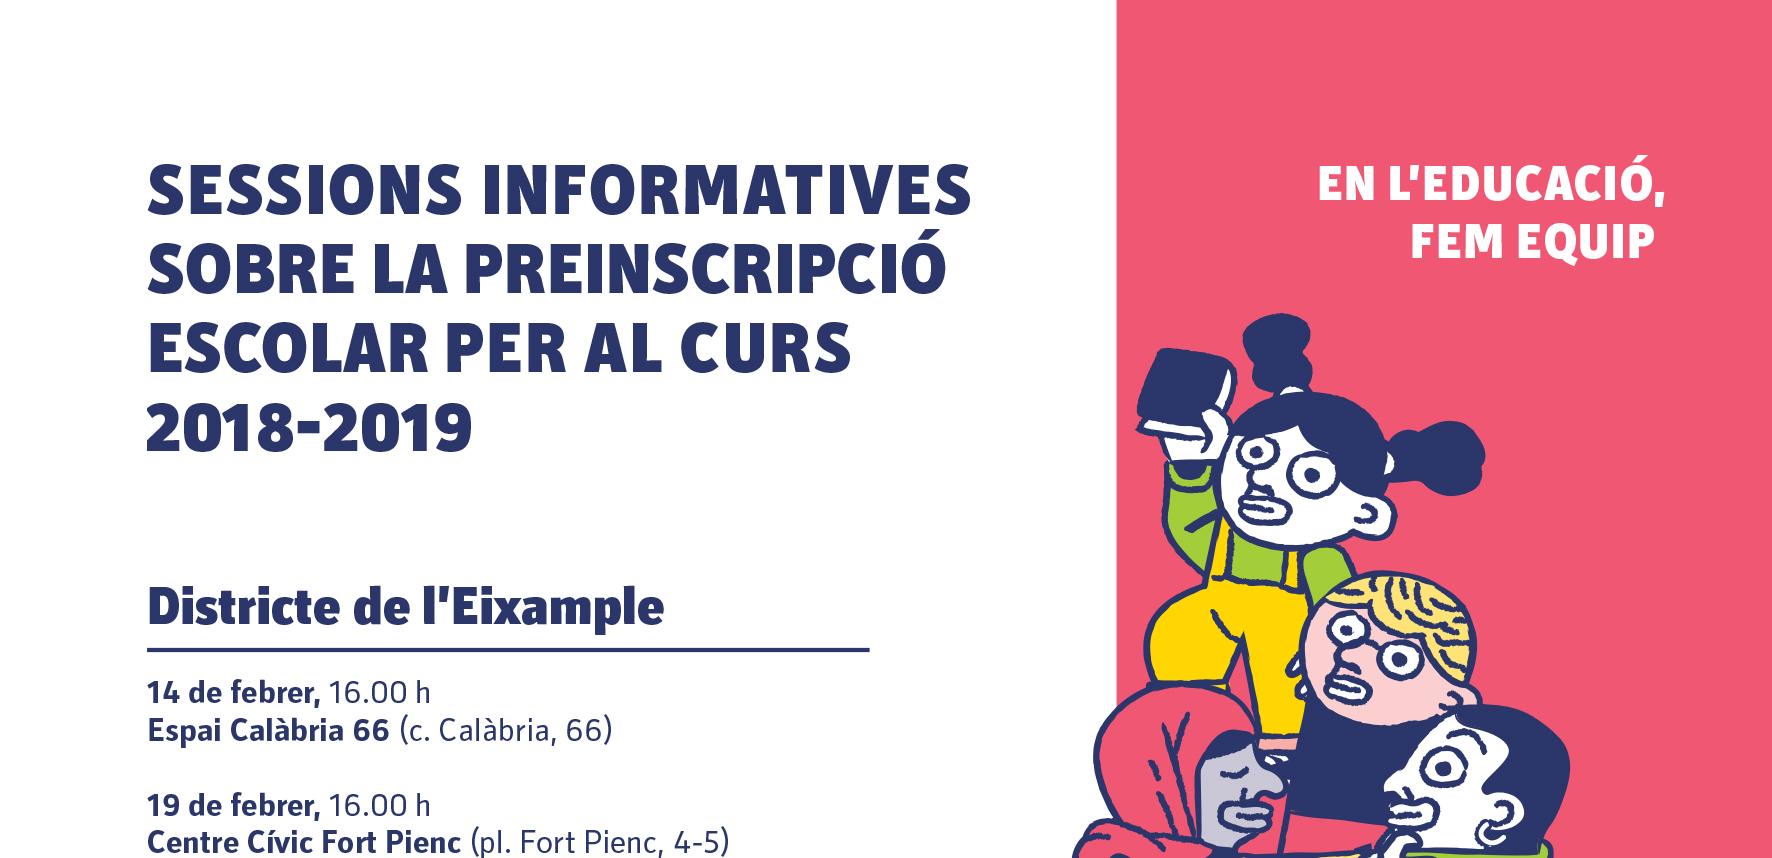 Sessions informatives sobre preinscripció a l'Eixample